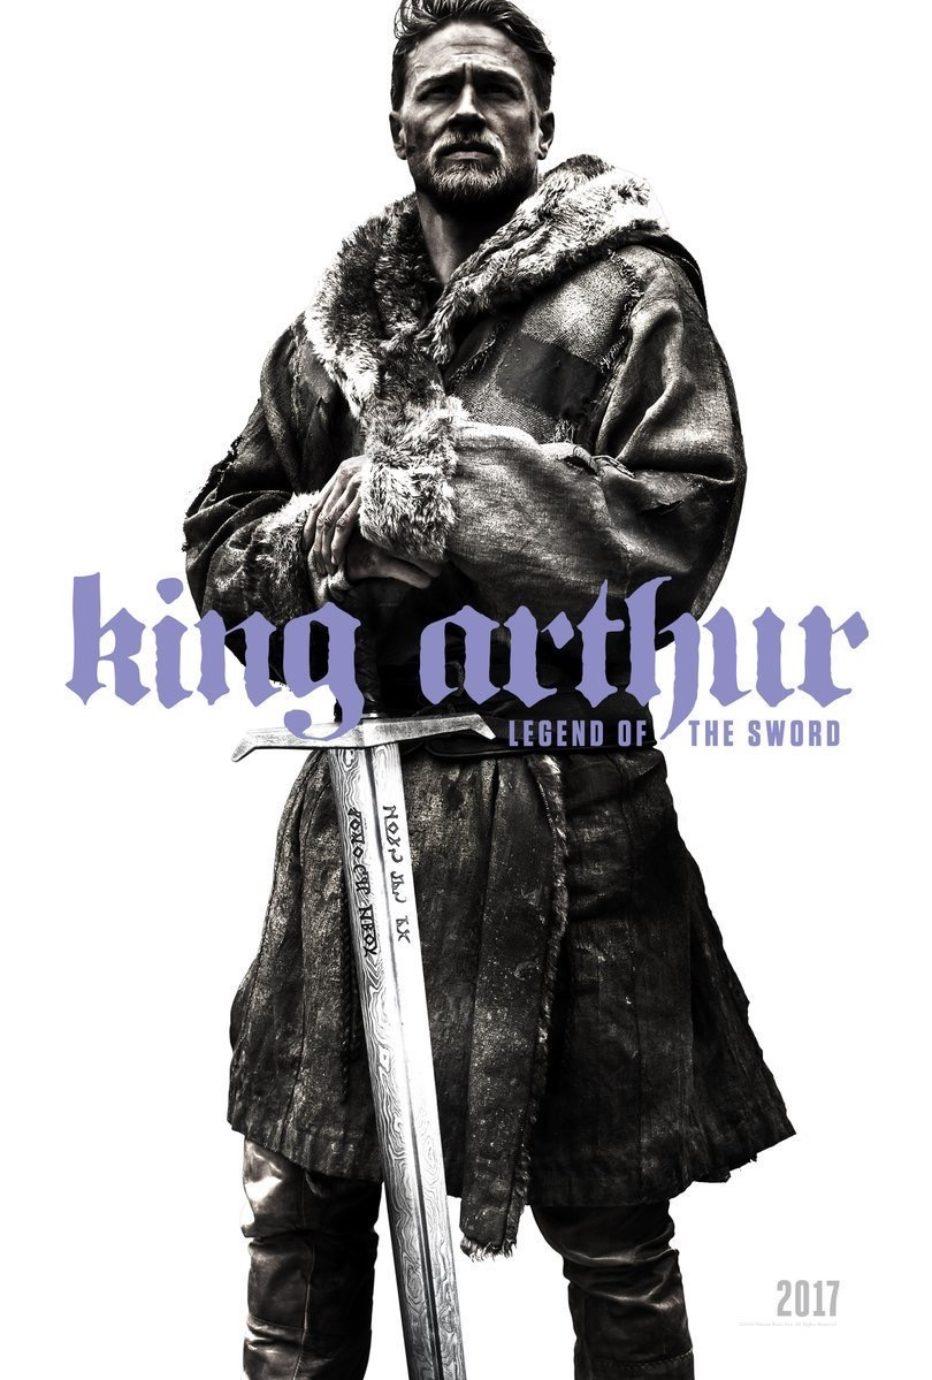 #SDCC: Trailer de Rey Arturo: La leyenda de la espada de Guy Ritchie